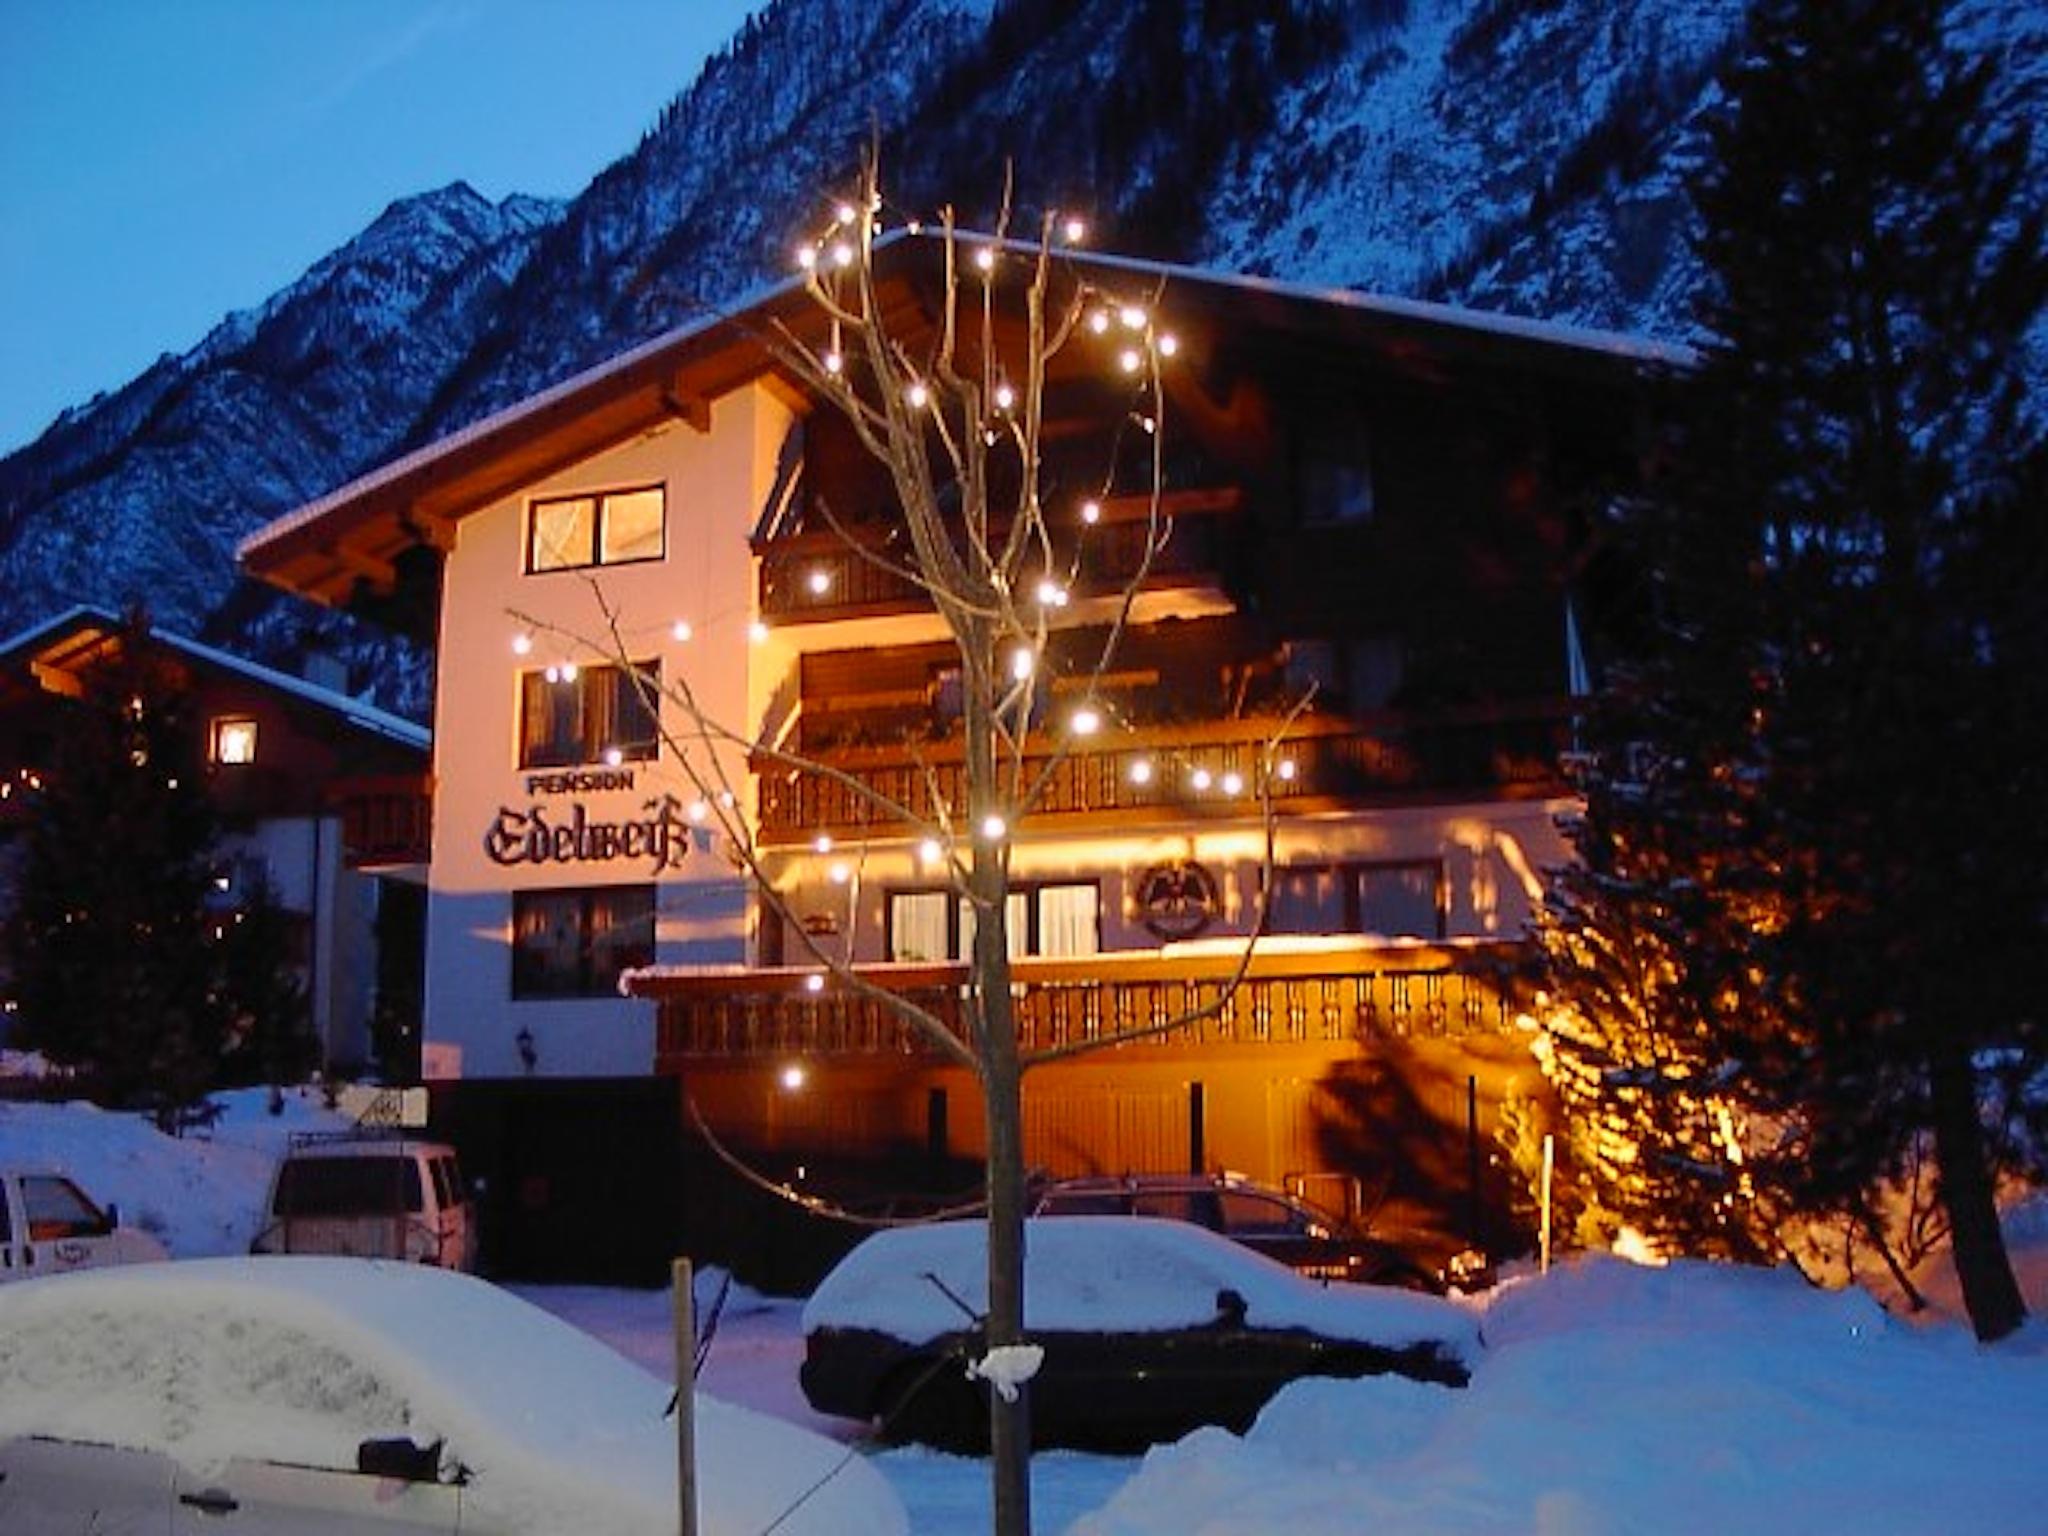 Pension Winter bei Nacht von Rechts mit Blitz